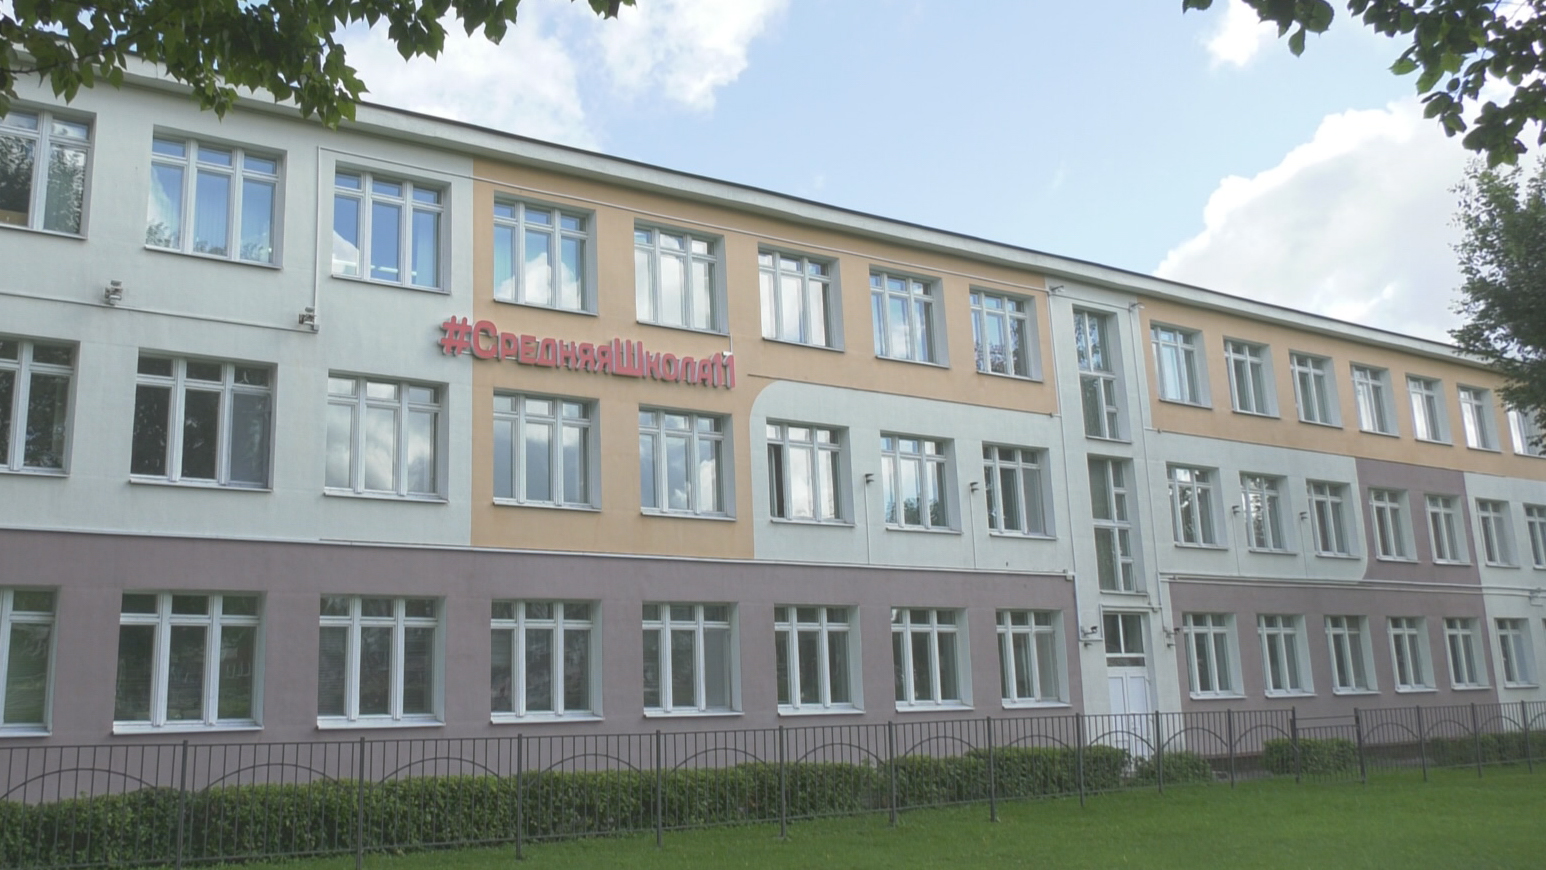 uchitelja - Почти 190 молодых специалистов в новом учебном году пришли в витебские учреждения образования (видео)